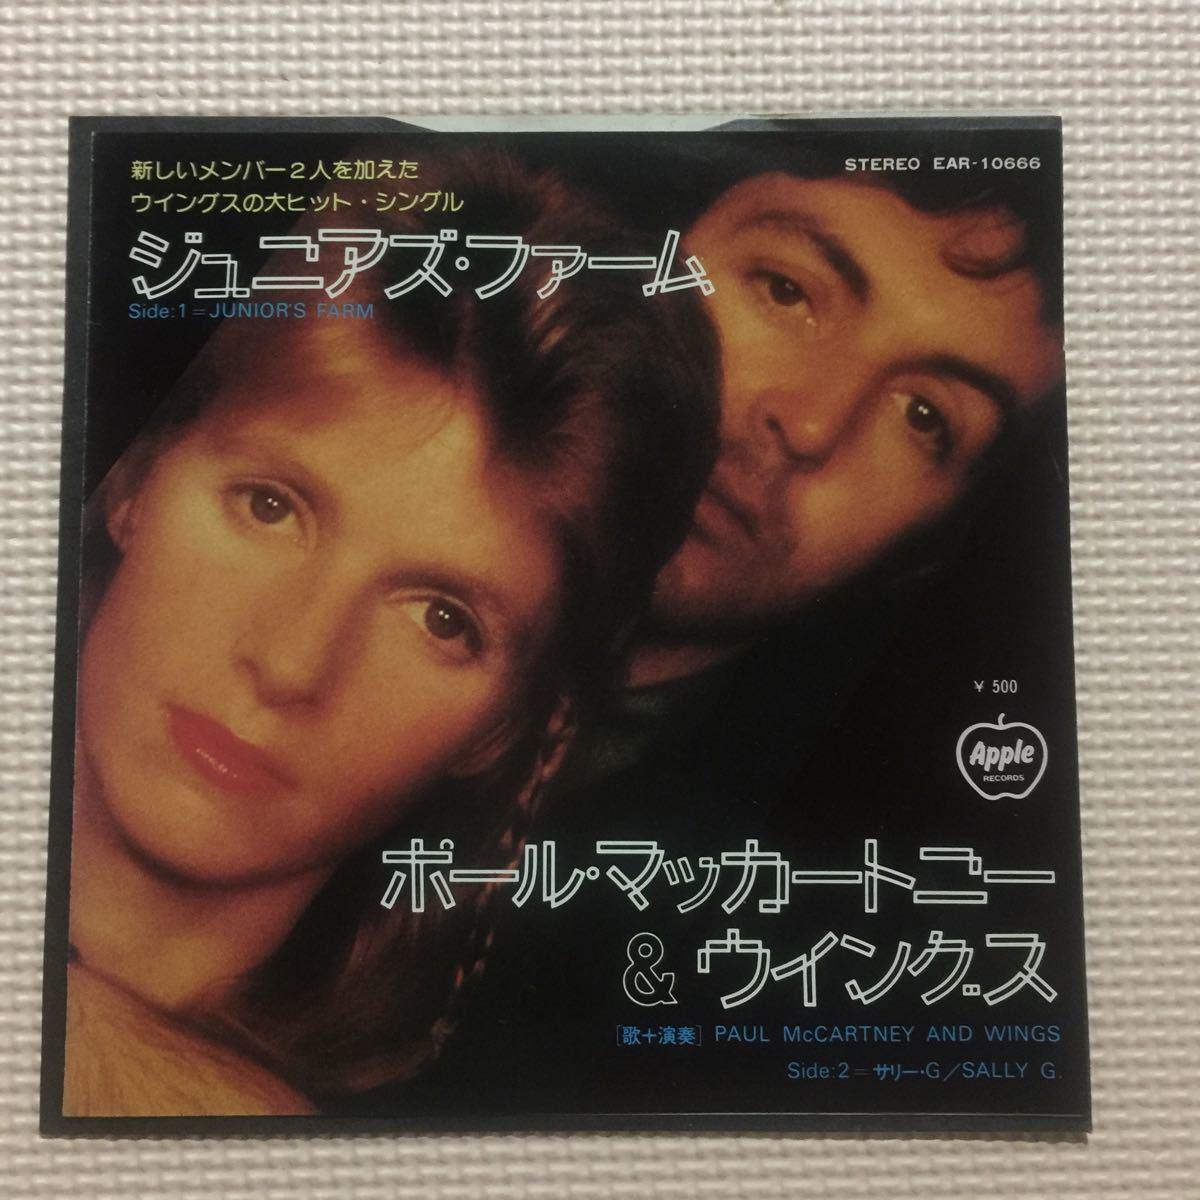 ポール・マッカートニーとウイングス ジュニアズ・ファーム 国内盤7インチシングルレコード